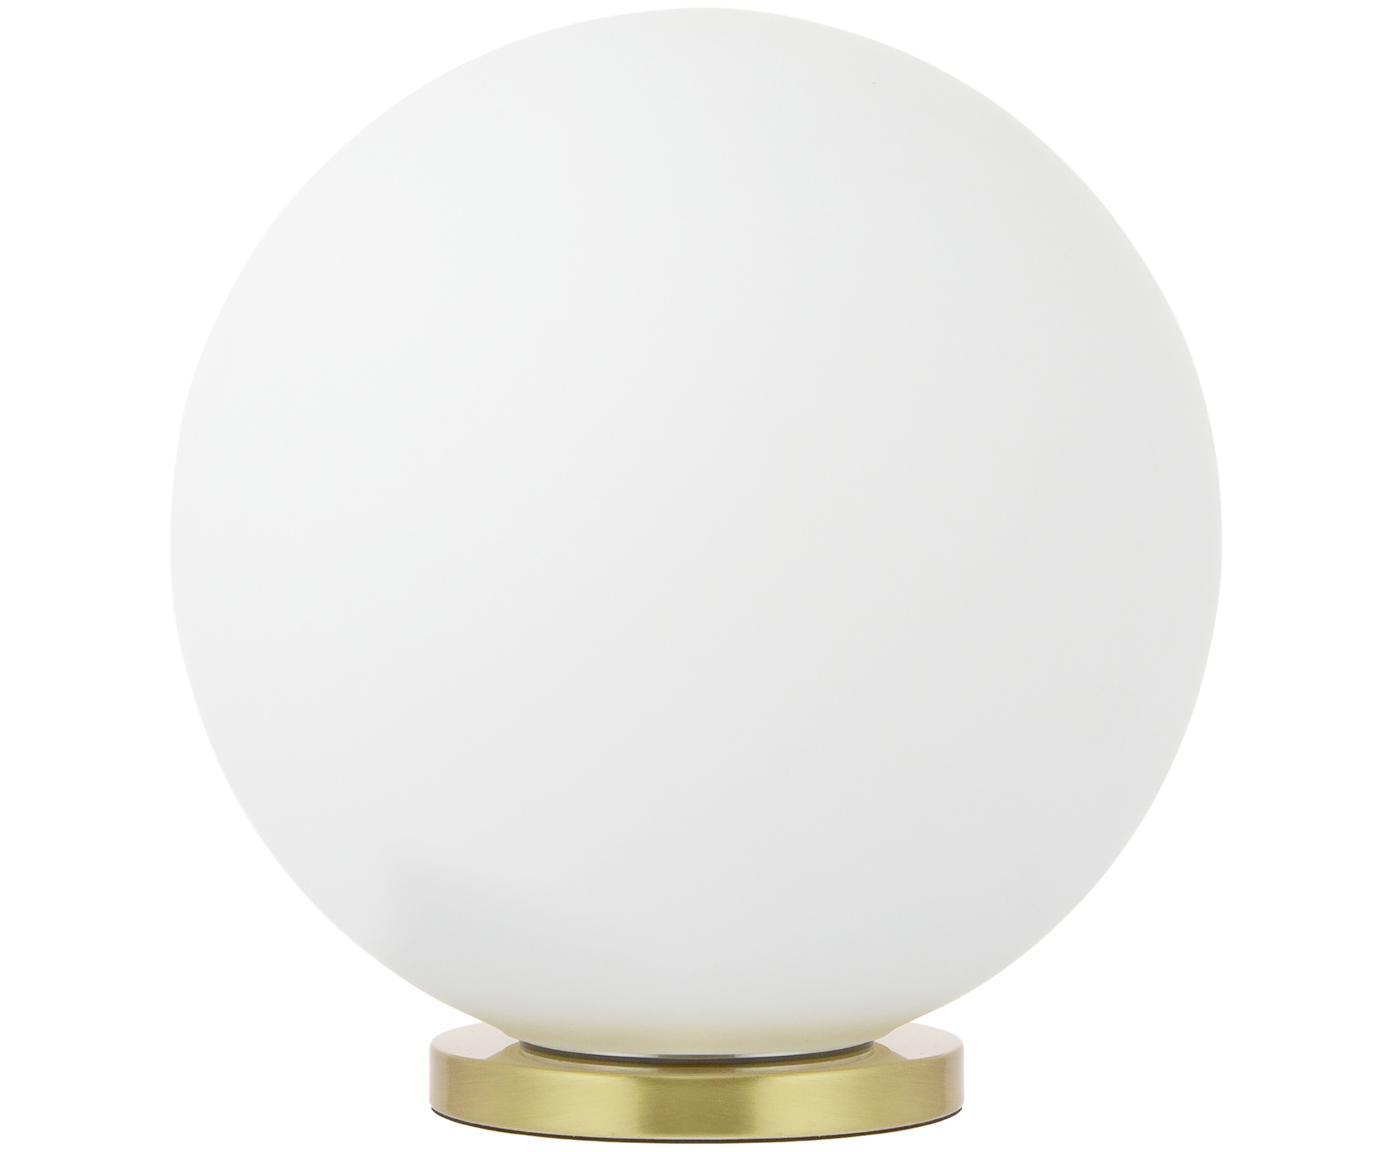 Tischleuchte Beth aus Glas, Lampenschirm: Glas, Lampenfuß: Metall, vermessingt, Weiß, Messing, Ø 25 x H 26 cm